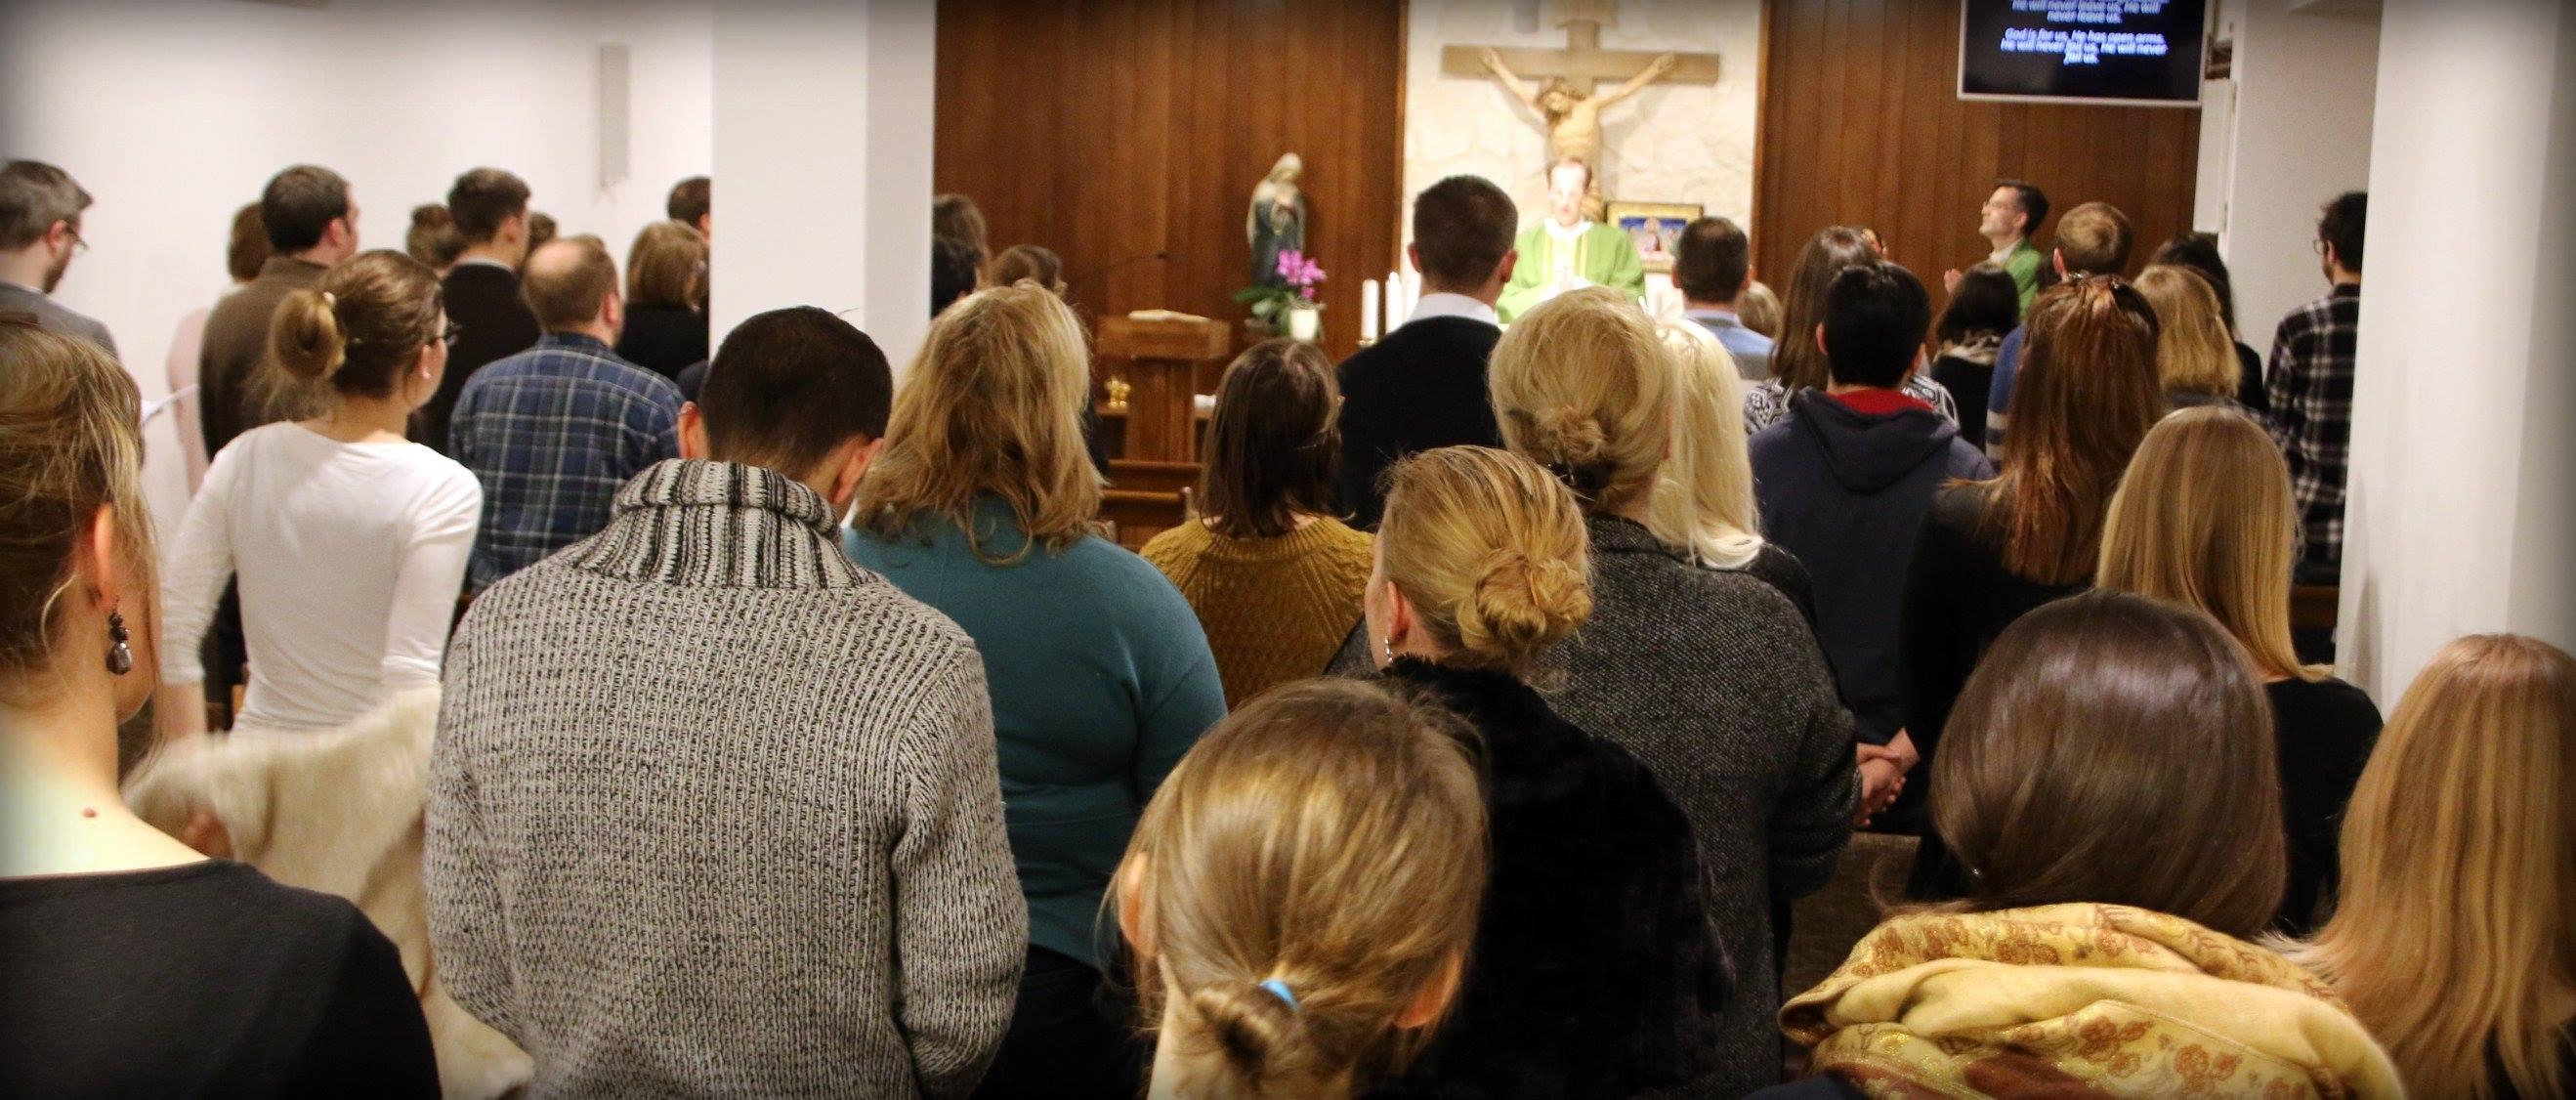 Jugendliche in der Messe